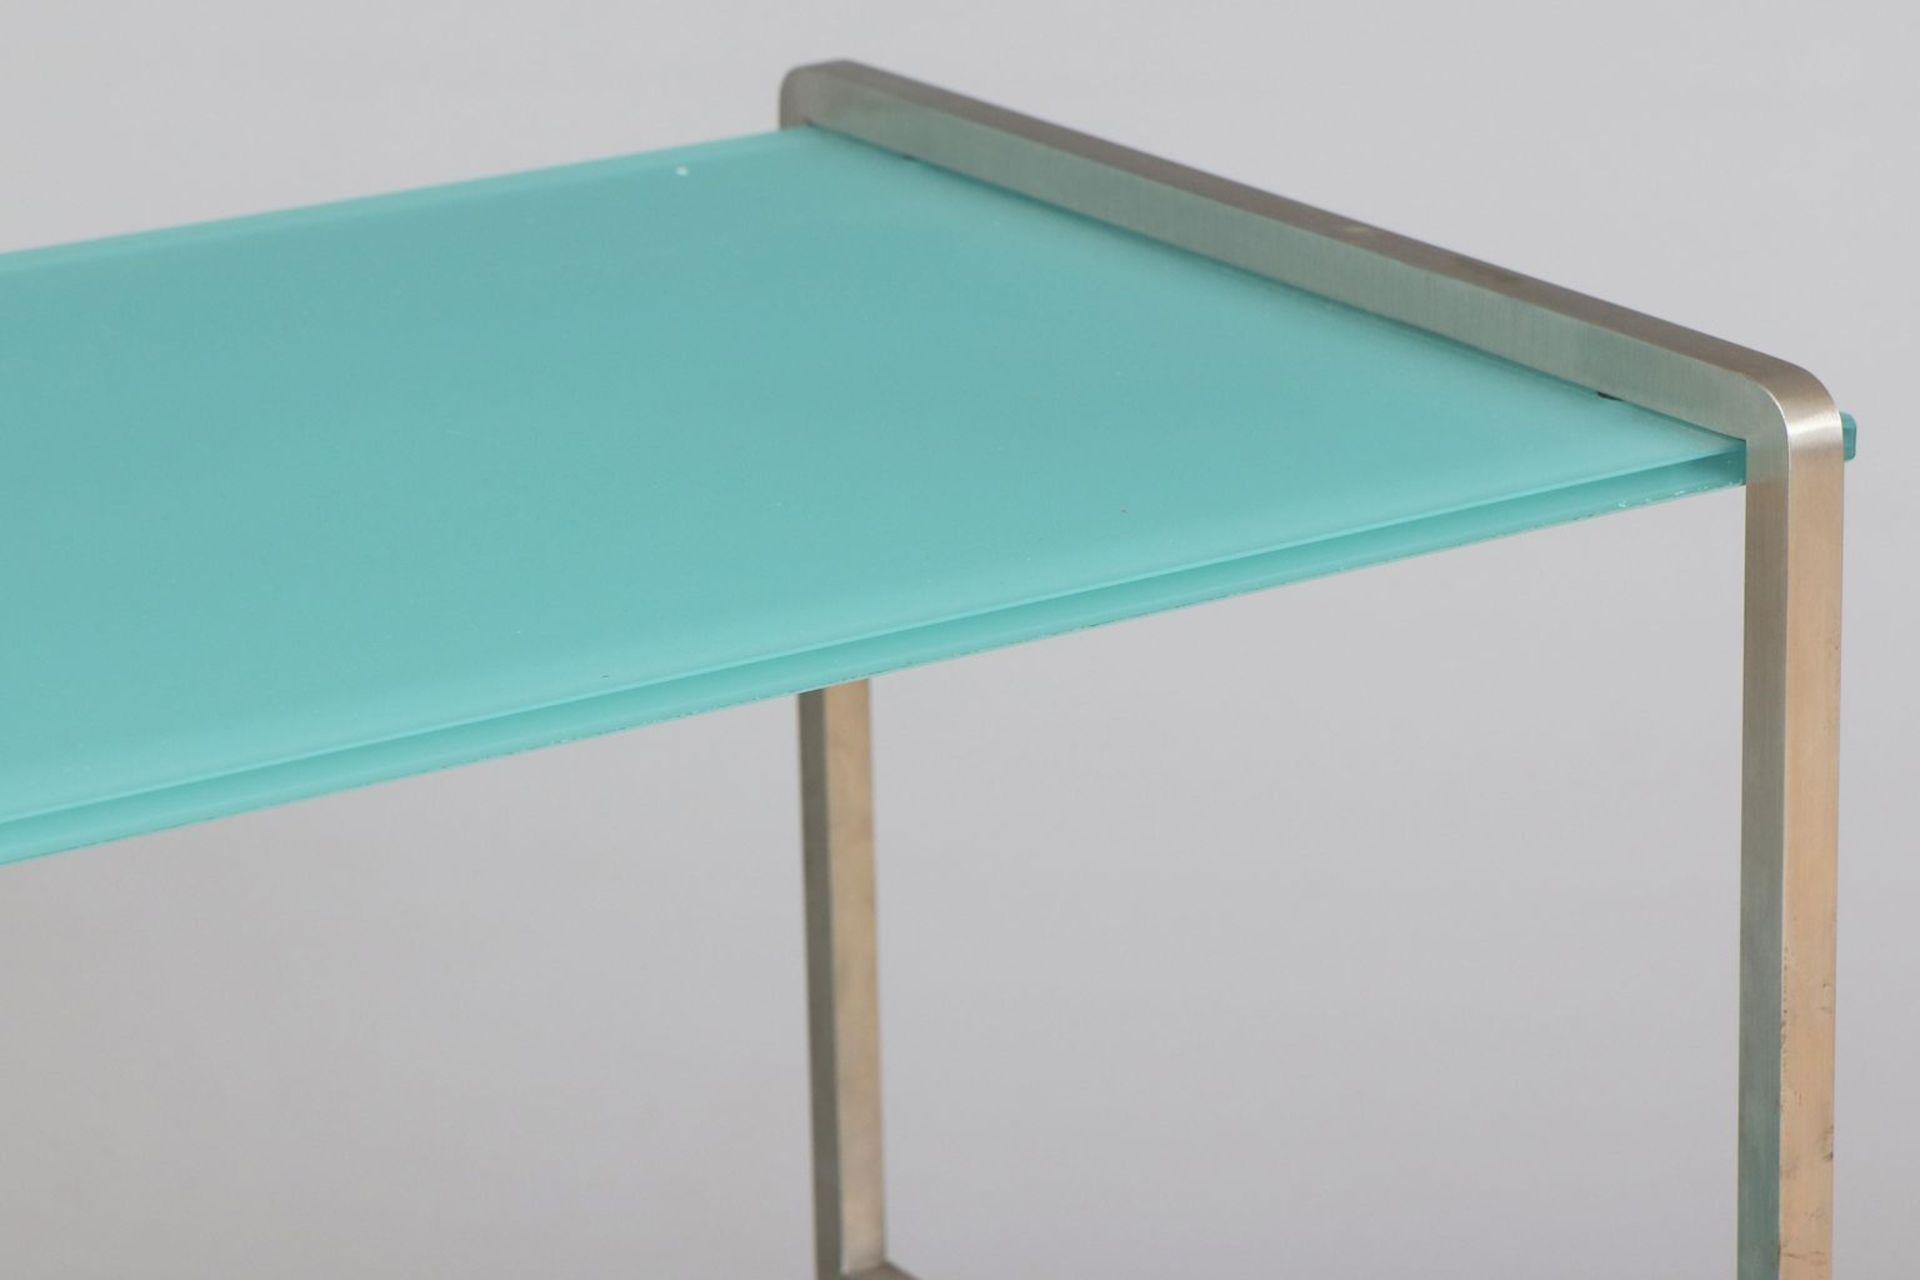 Sideboard/Regal - Image 4 of 4